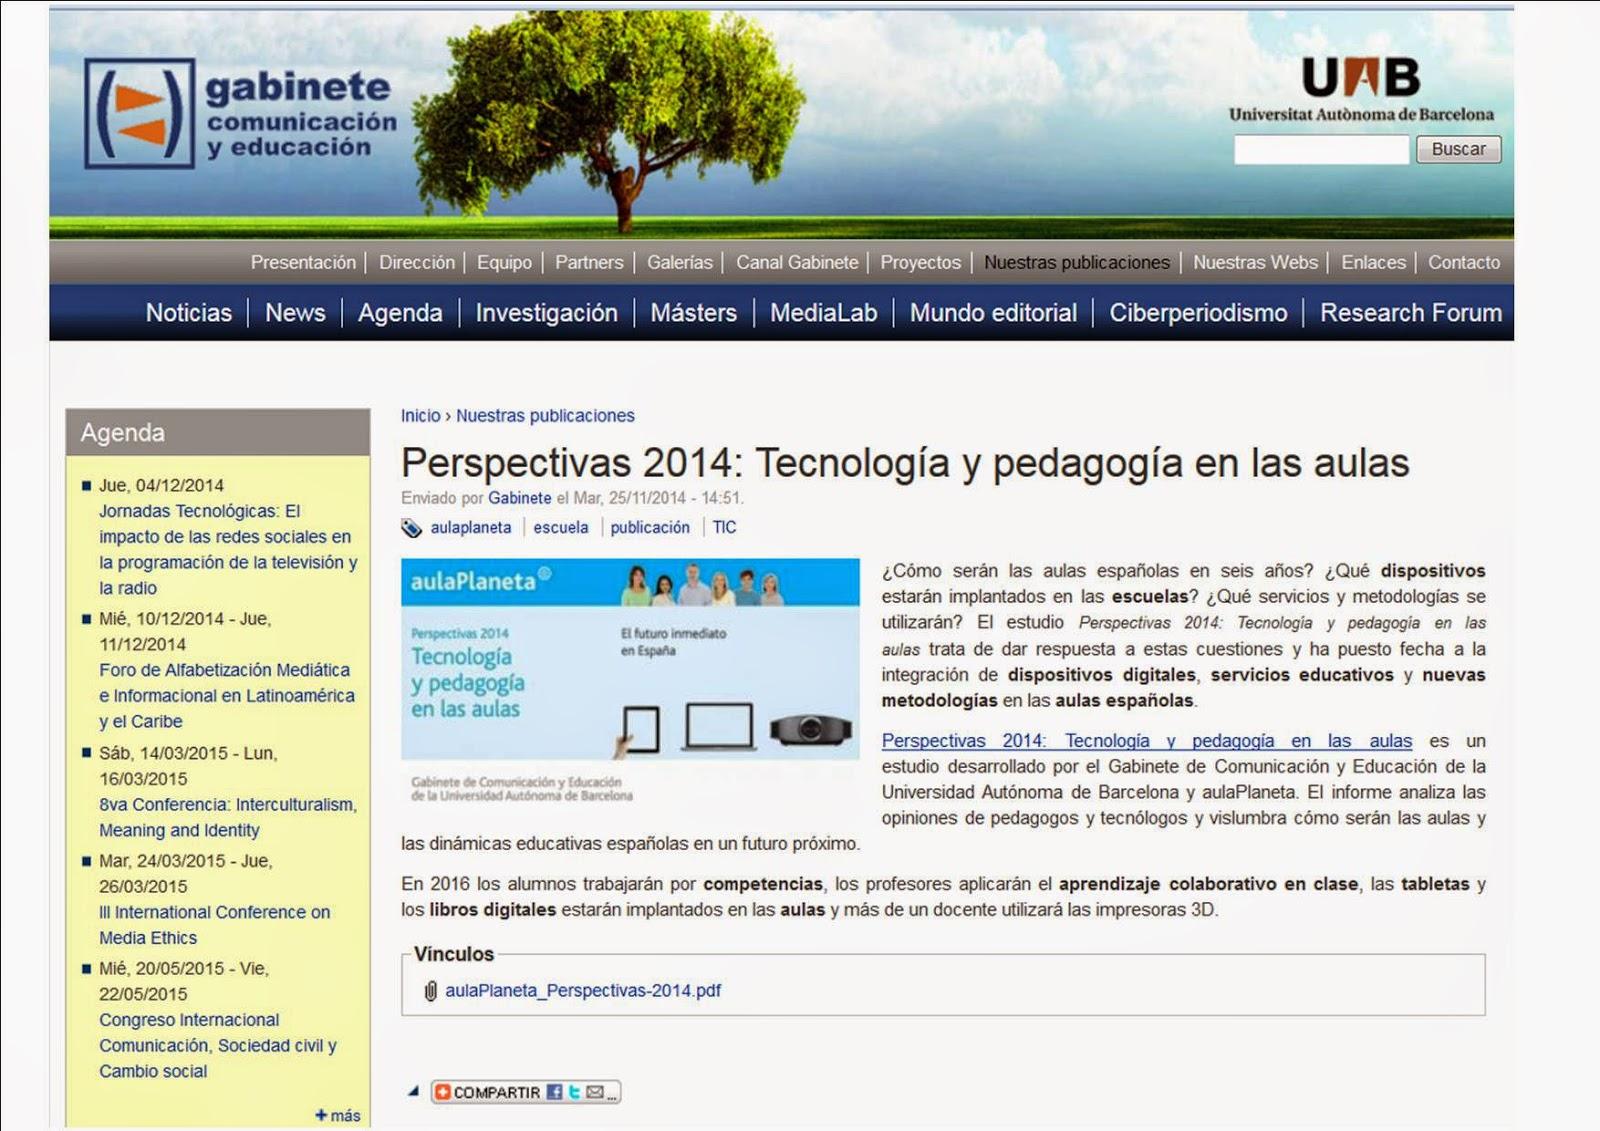 http://www.gabinetecomunicacionyeducacion.com/noticias/la-educacion-por-competencias-las-tabletas-y-los-libros-de-texto-digitales-se-impondran-en-